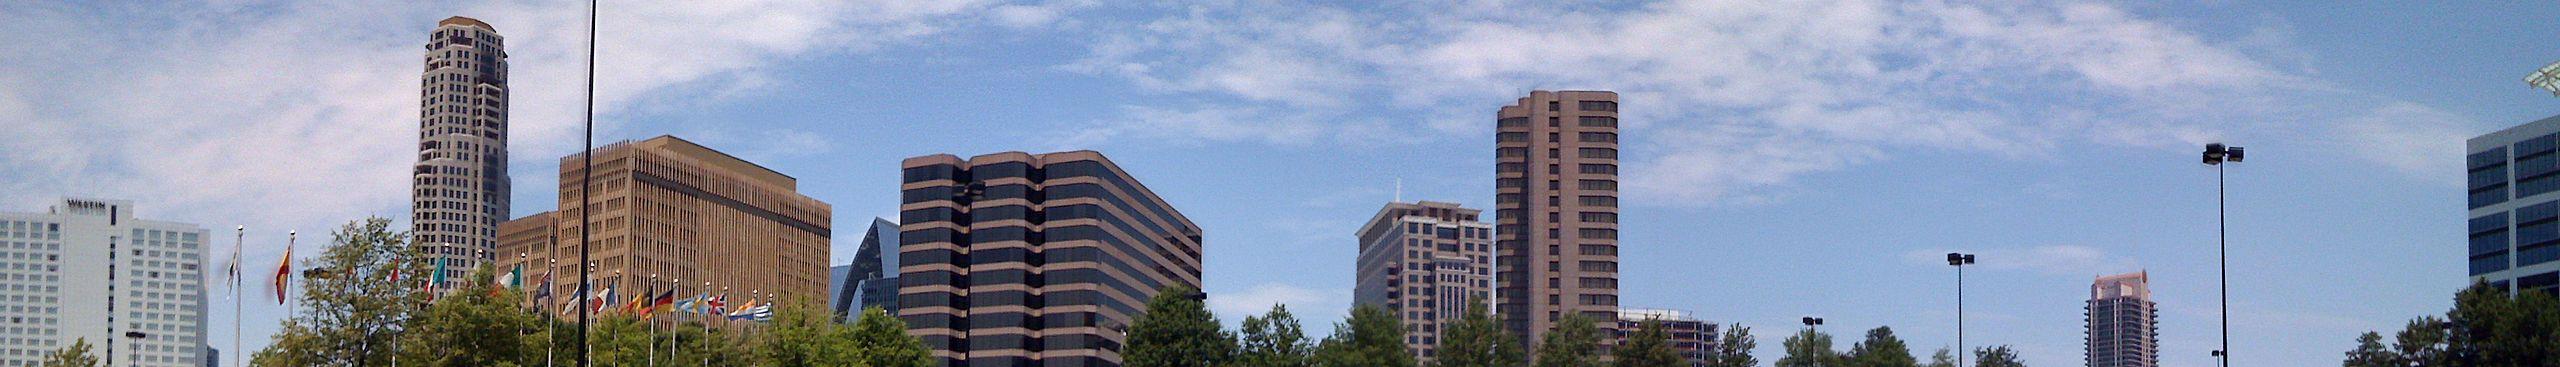 Atlanta\/Buckhead \u2013 Travel guide at Wikivoyage